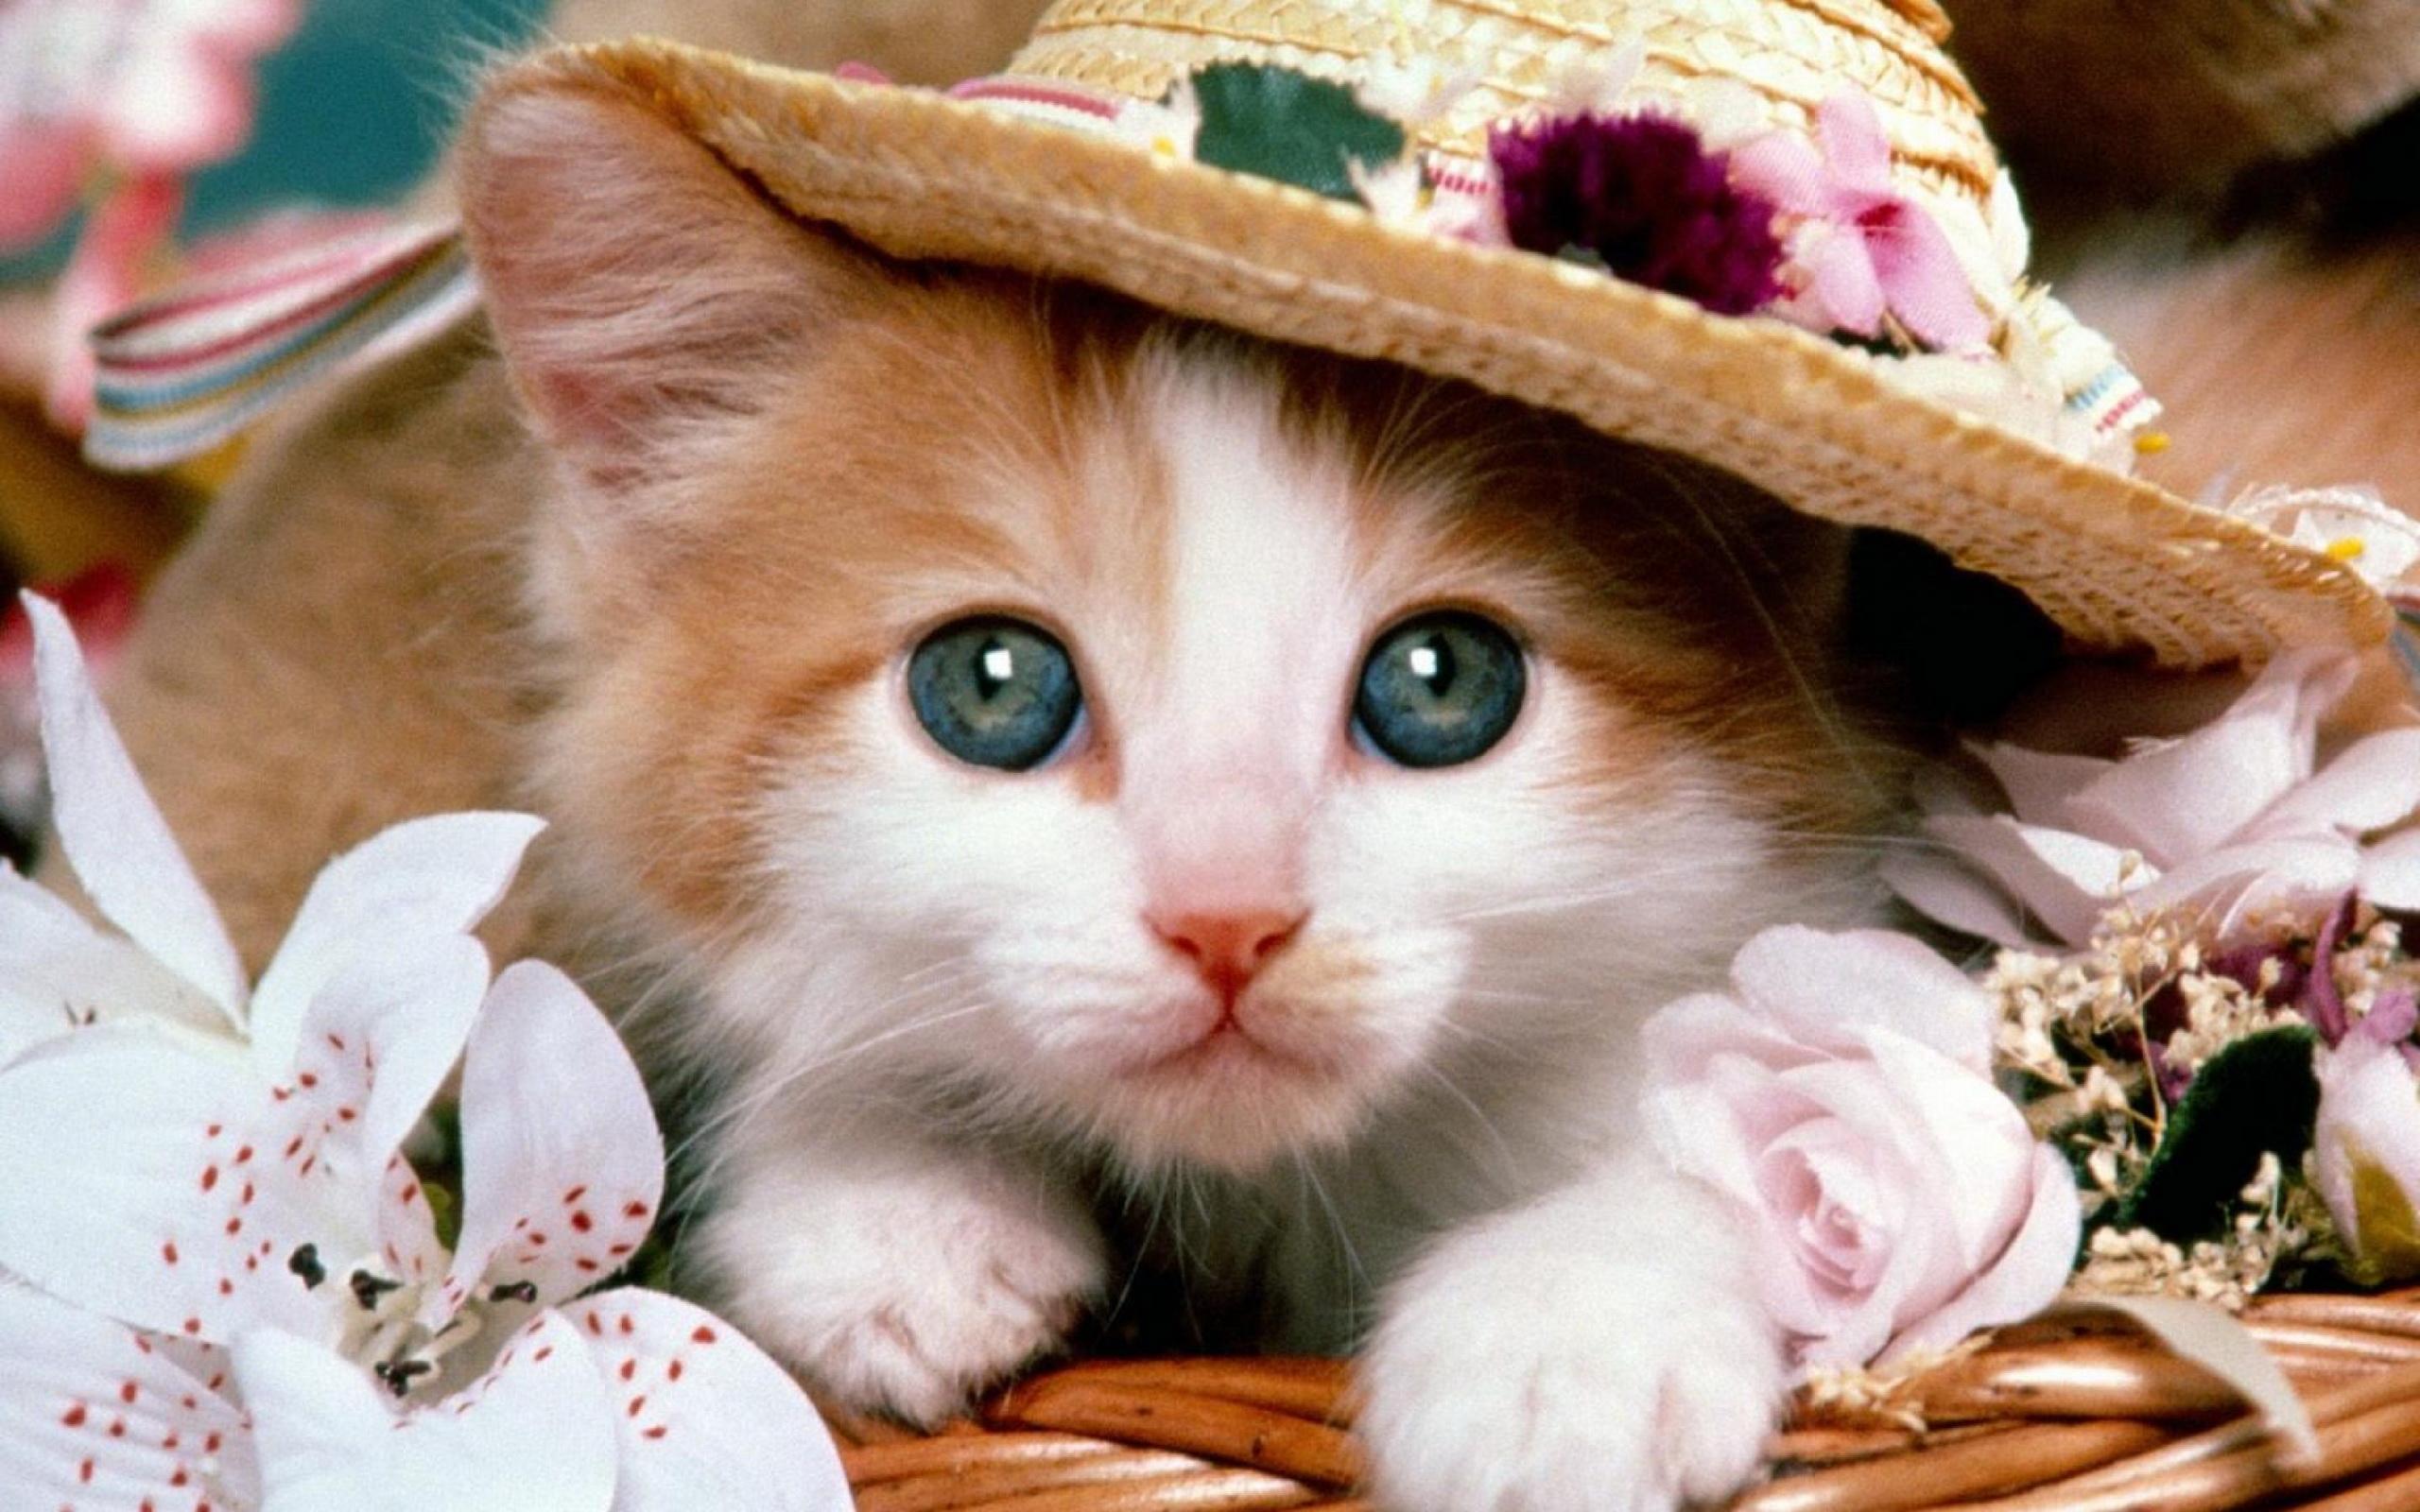 动物众生相01-猫咪(2560x1600)壁纸